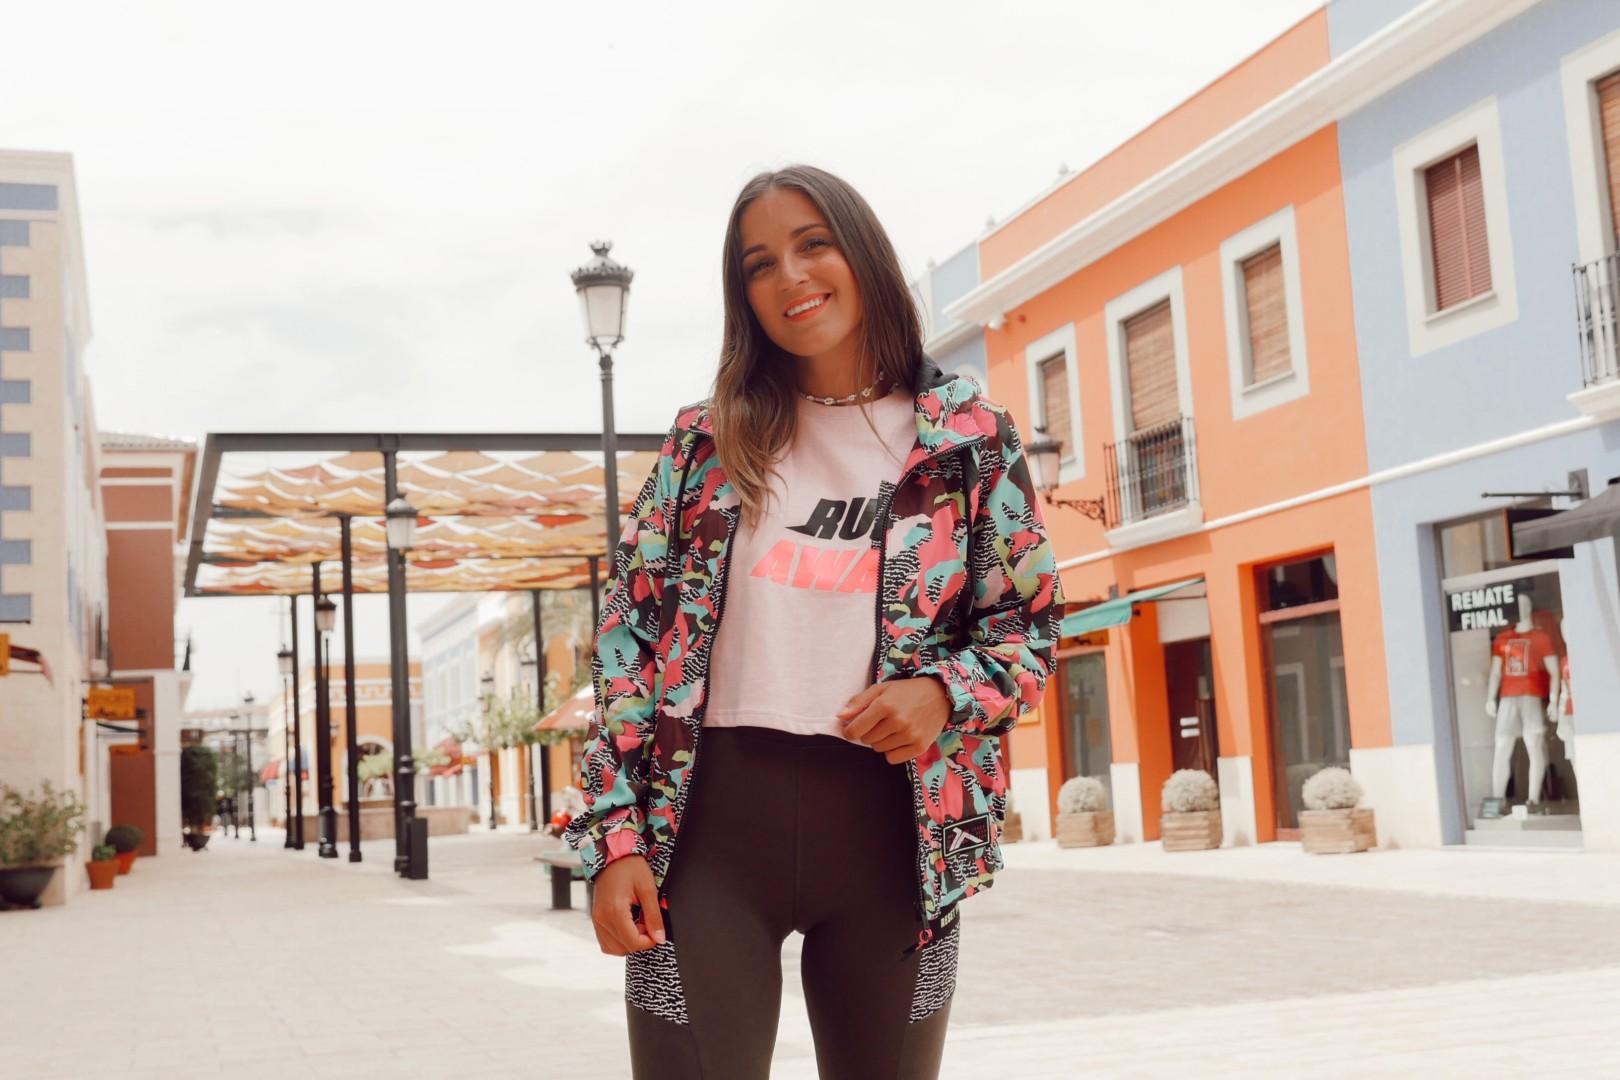 Pantalón, camiseta y chaqueta en Décimas de La Noria Outlet